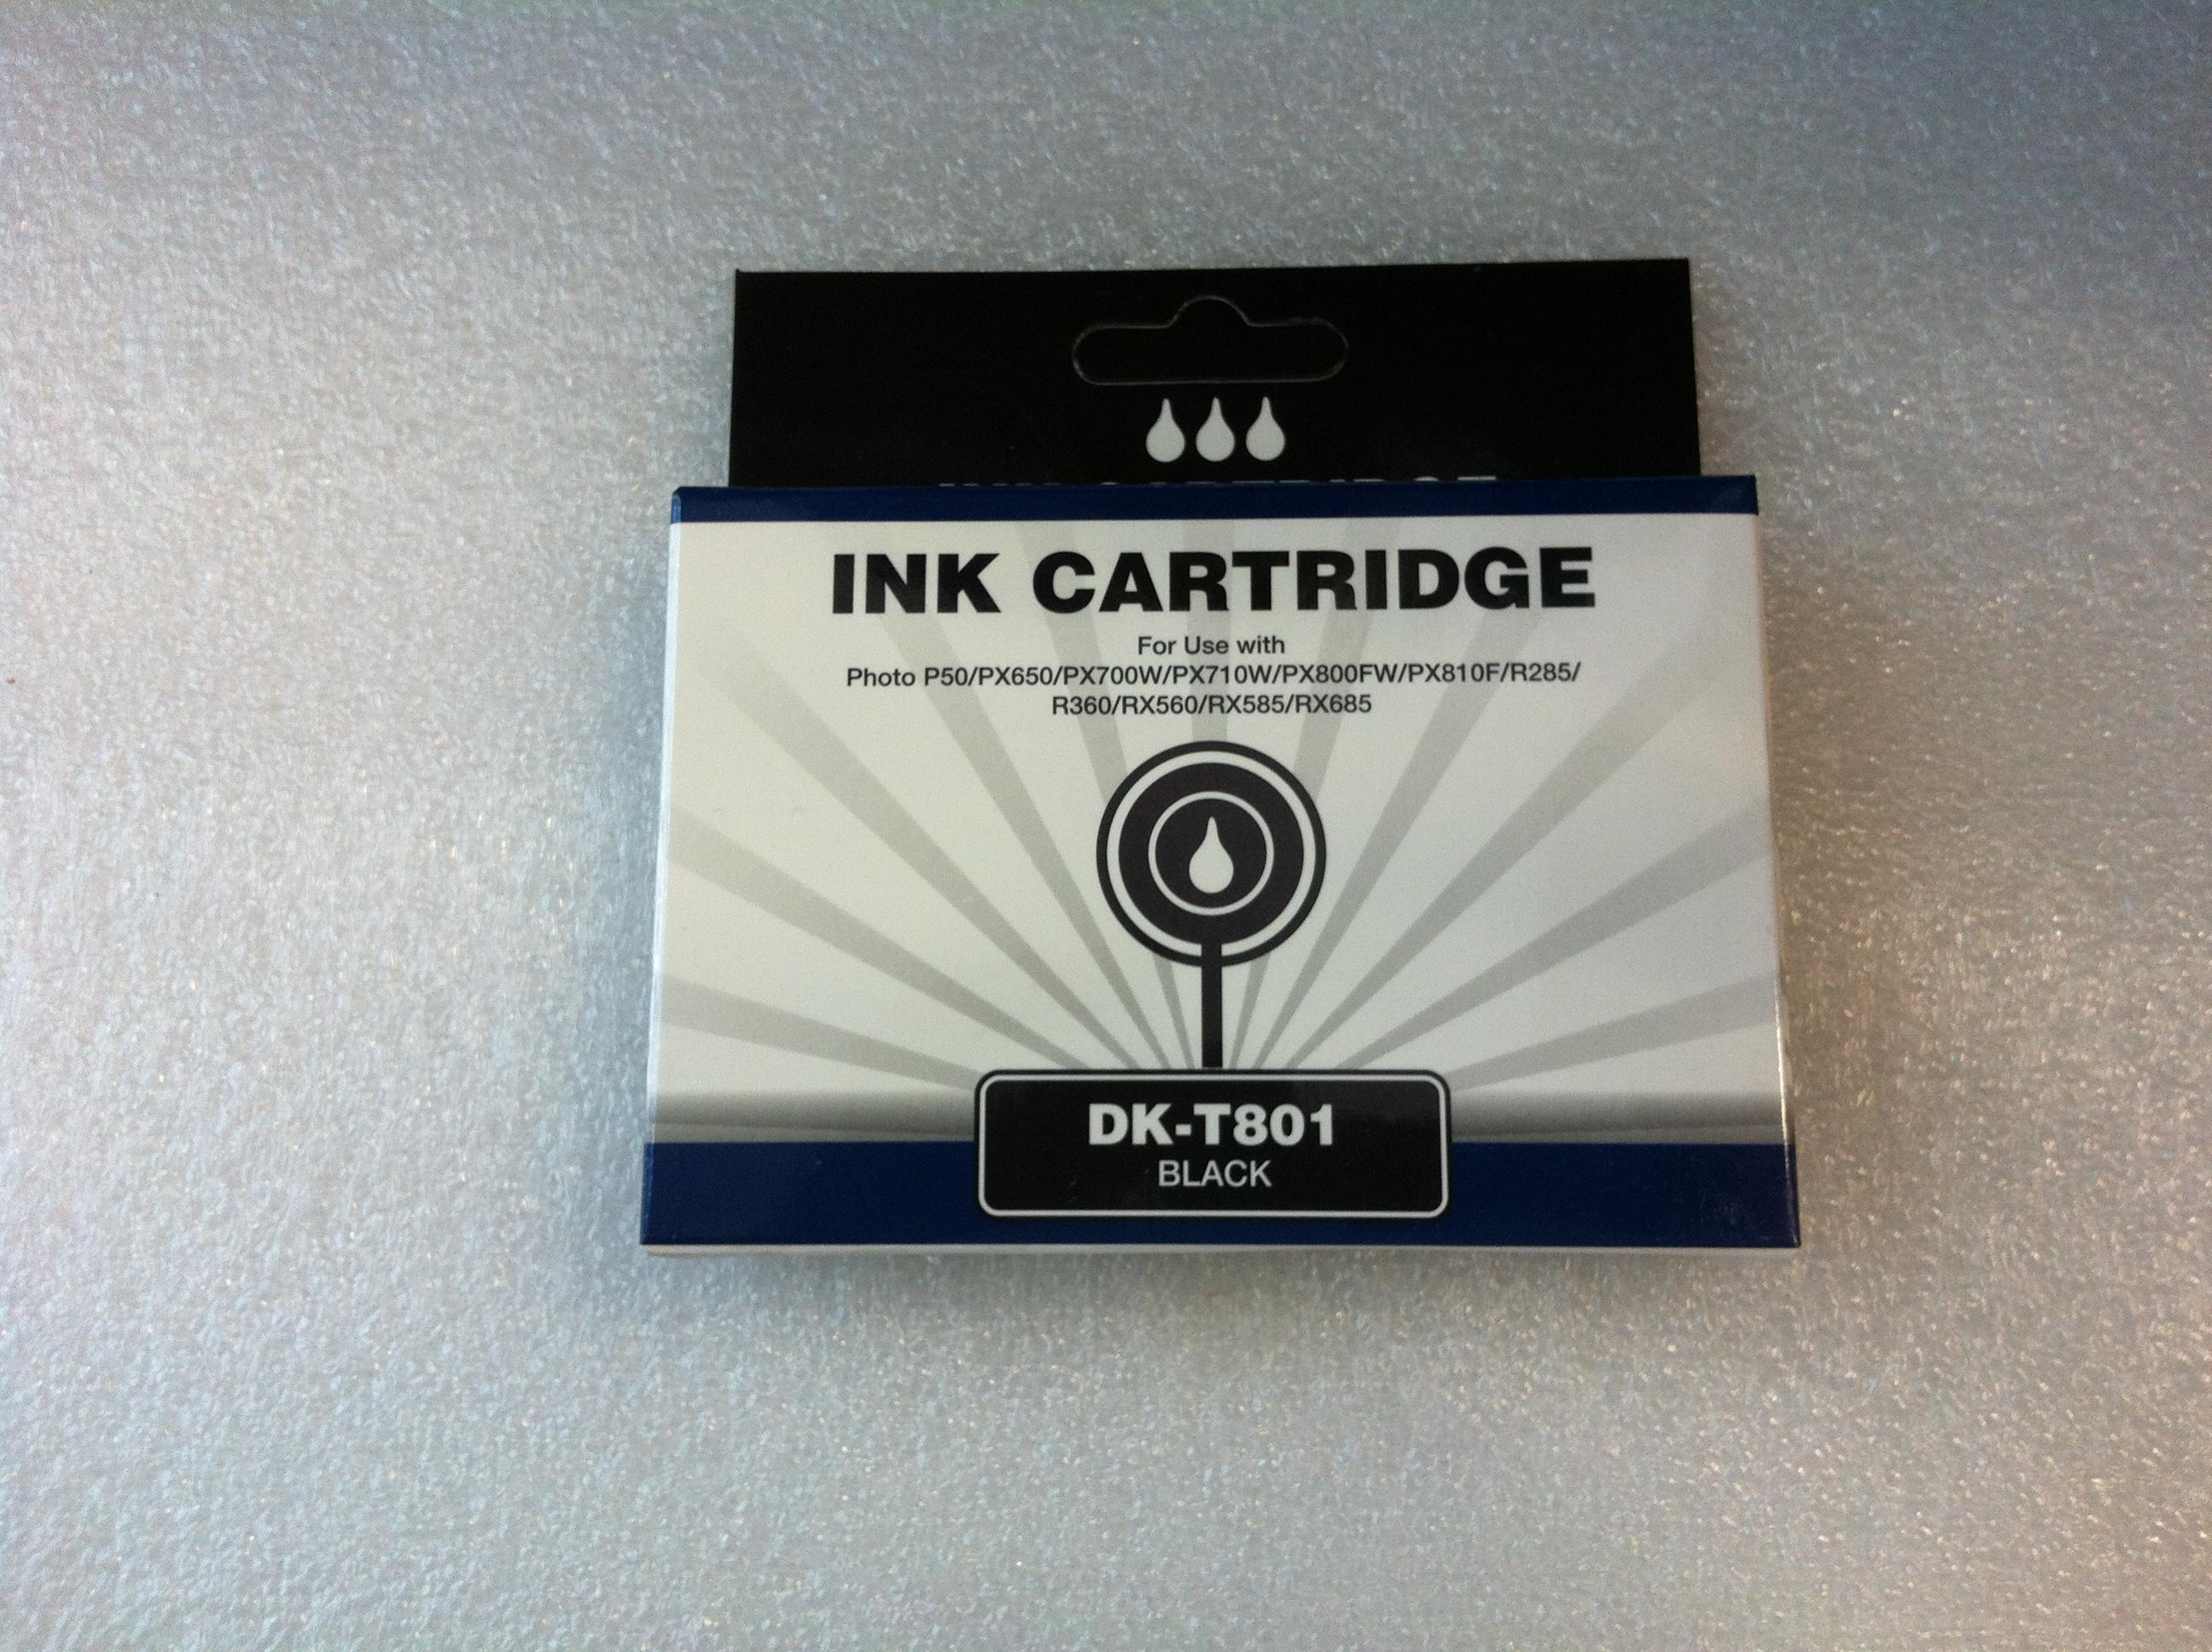 DK-T801 (Black), kompatibel zu T0801 (Black)